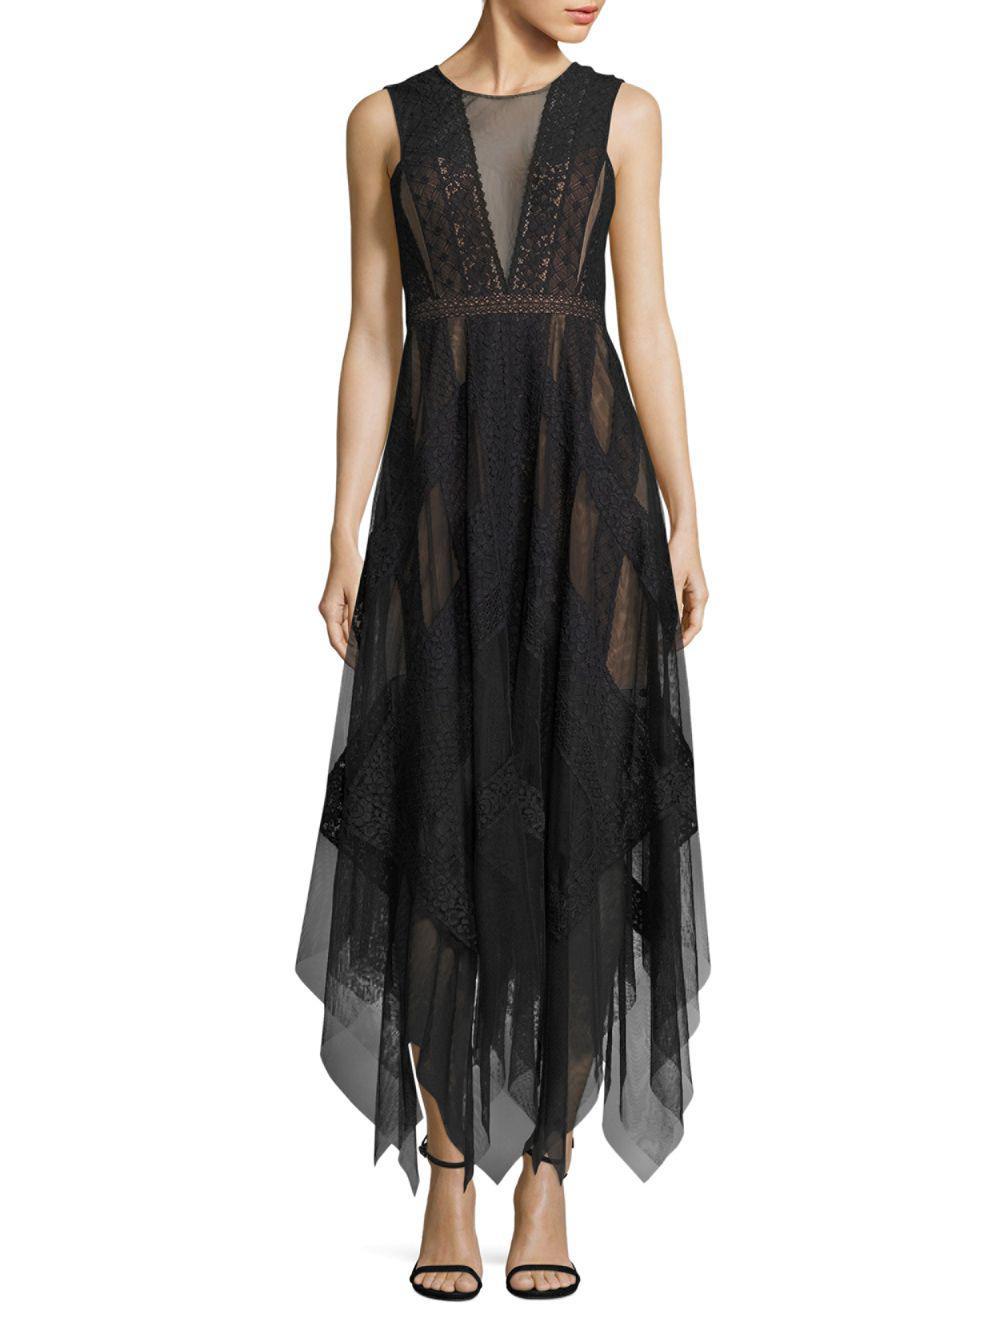 9b81471e86ae0 Bcbg Andi Lace Dress Black – Little Black Dress   Black Lace ...